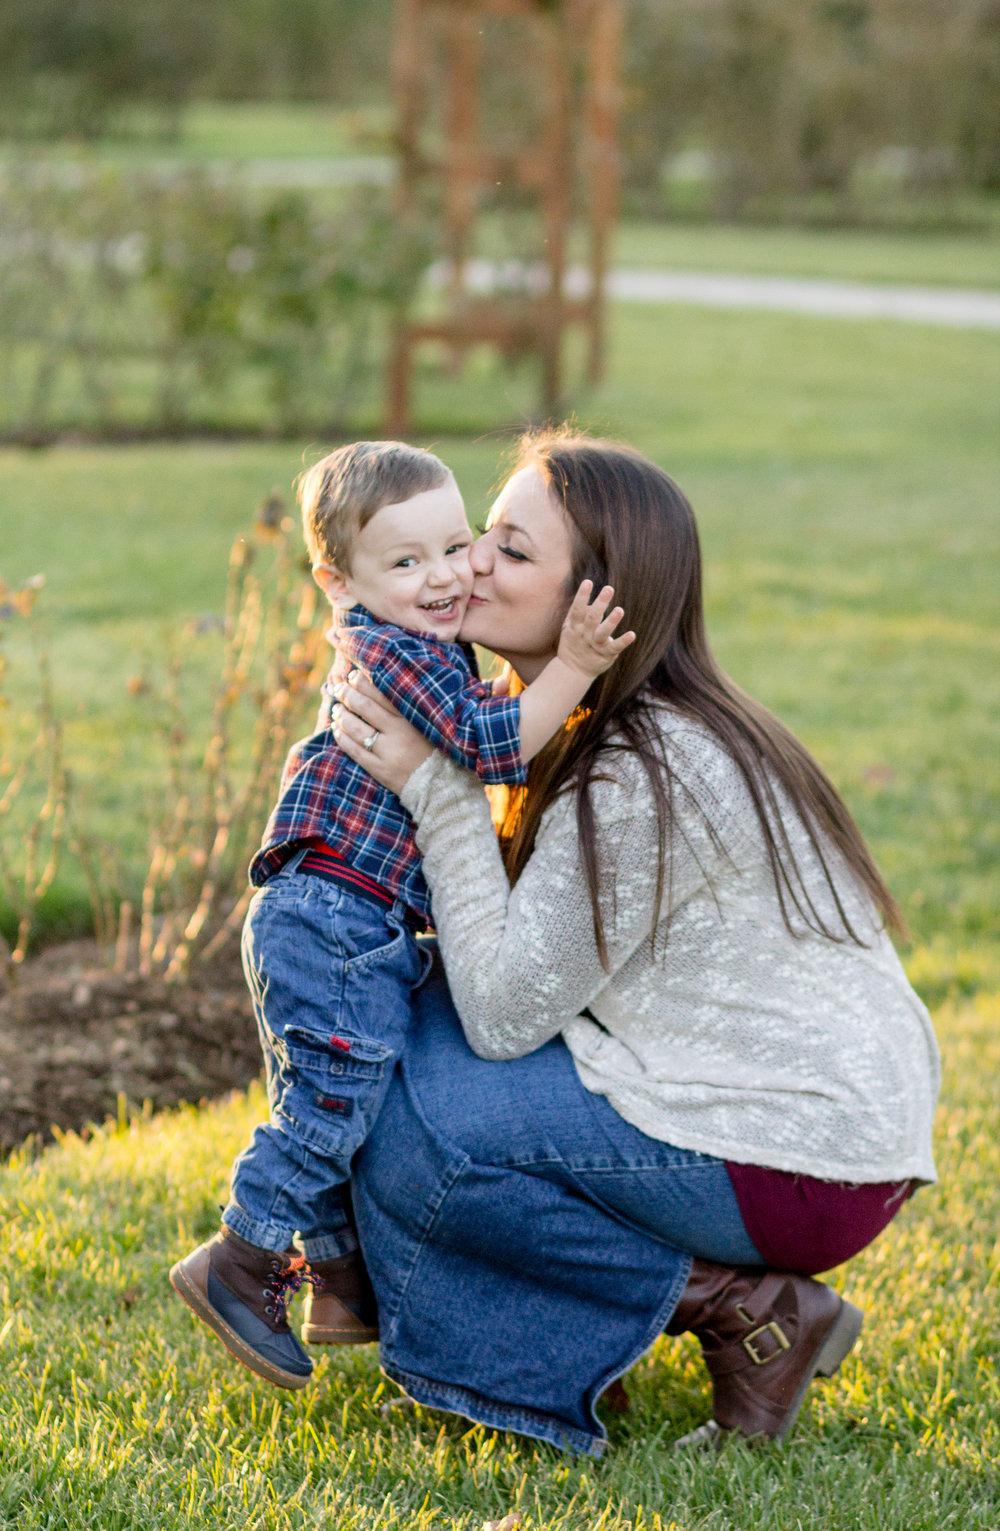 Allentown-rose-garden-lytle-photo-co-family-session (25).jpg